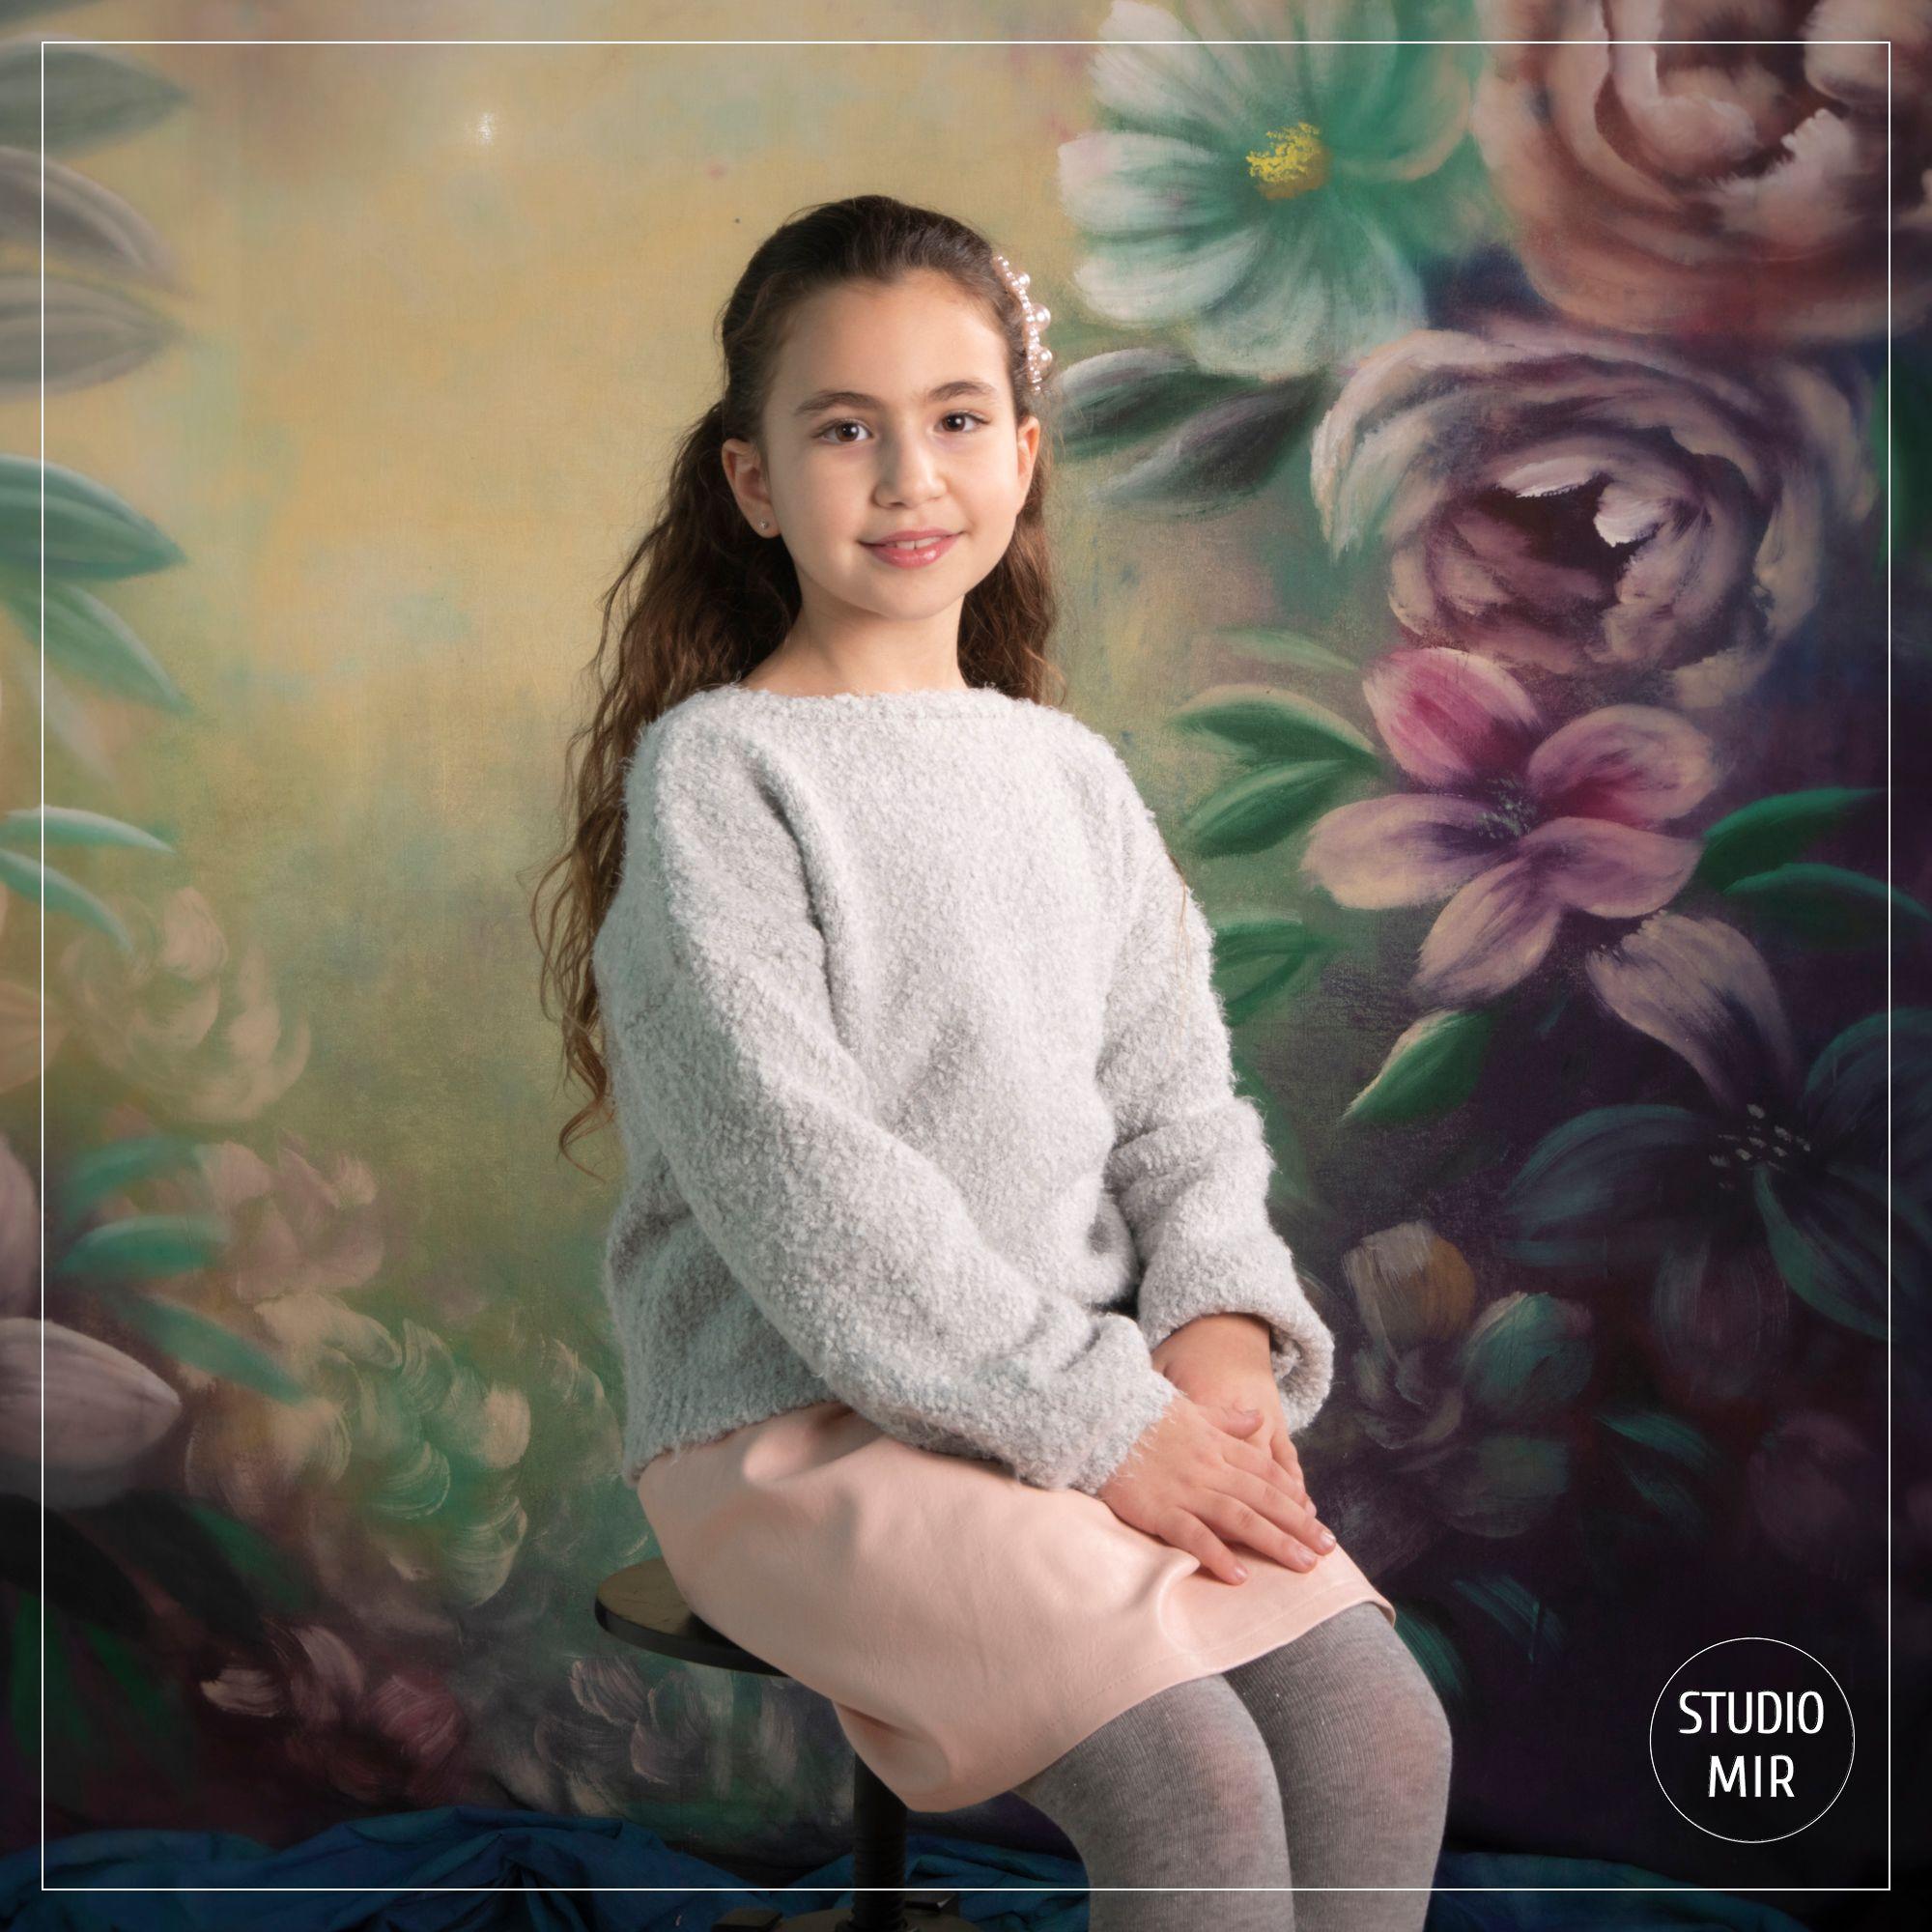 Photographe en studio en Ile de France : Séance photo en Famille avec des fleurs